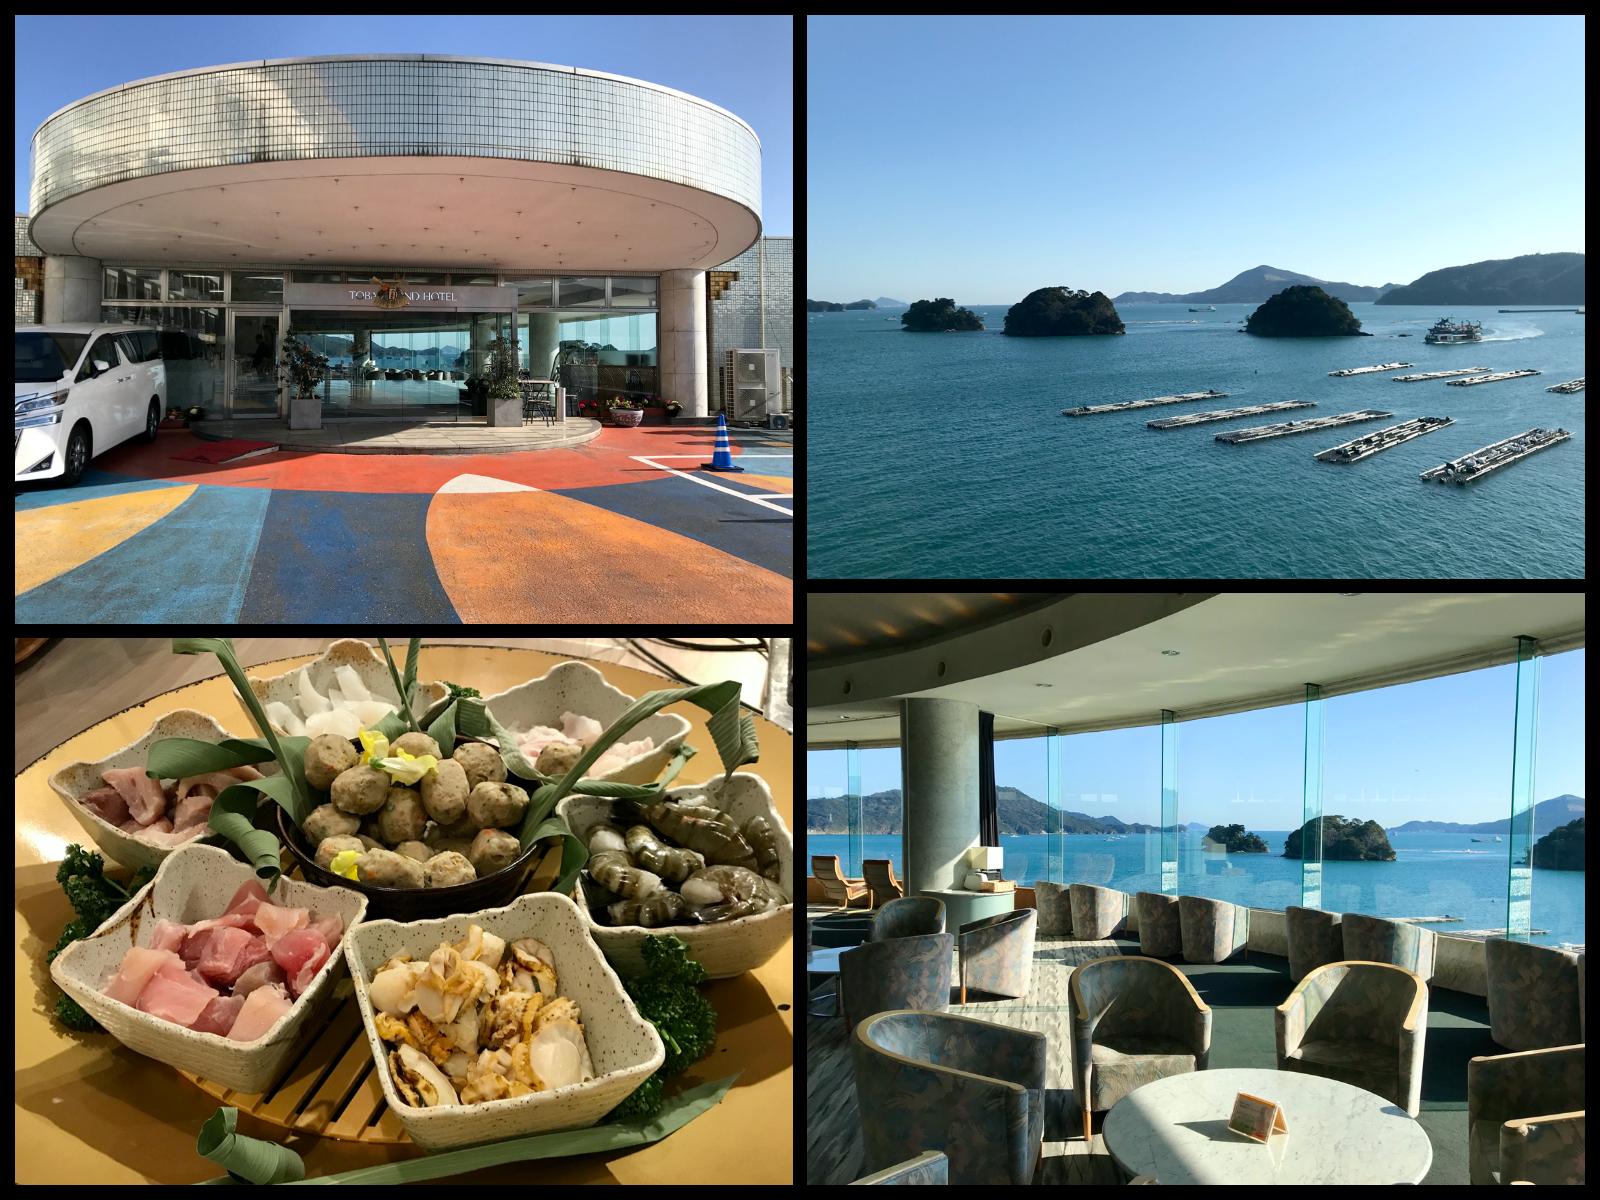 鳥羽Grand Hotel 一泊二食|推薦自助式晚餐 海鮮控一定要來吃!